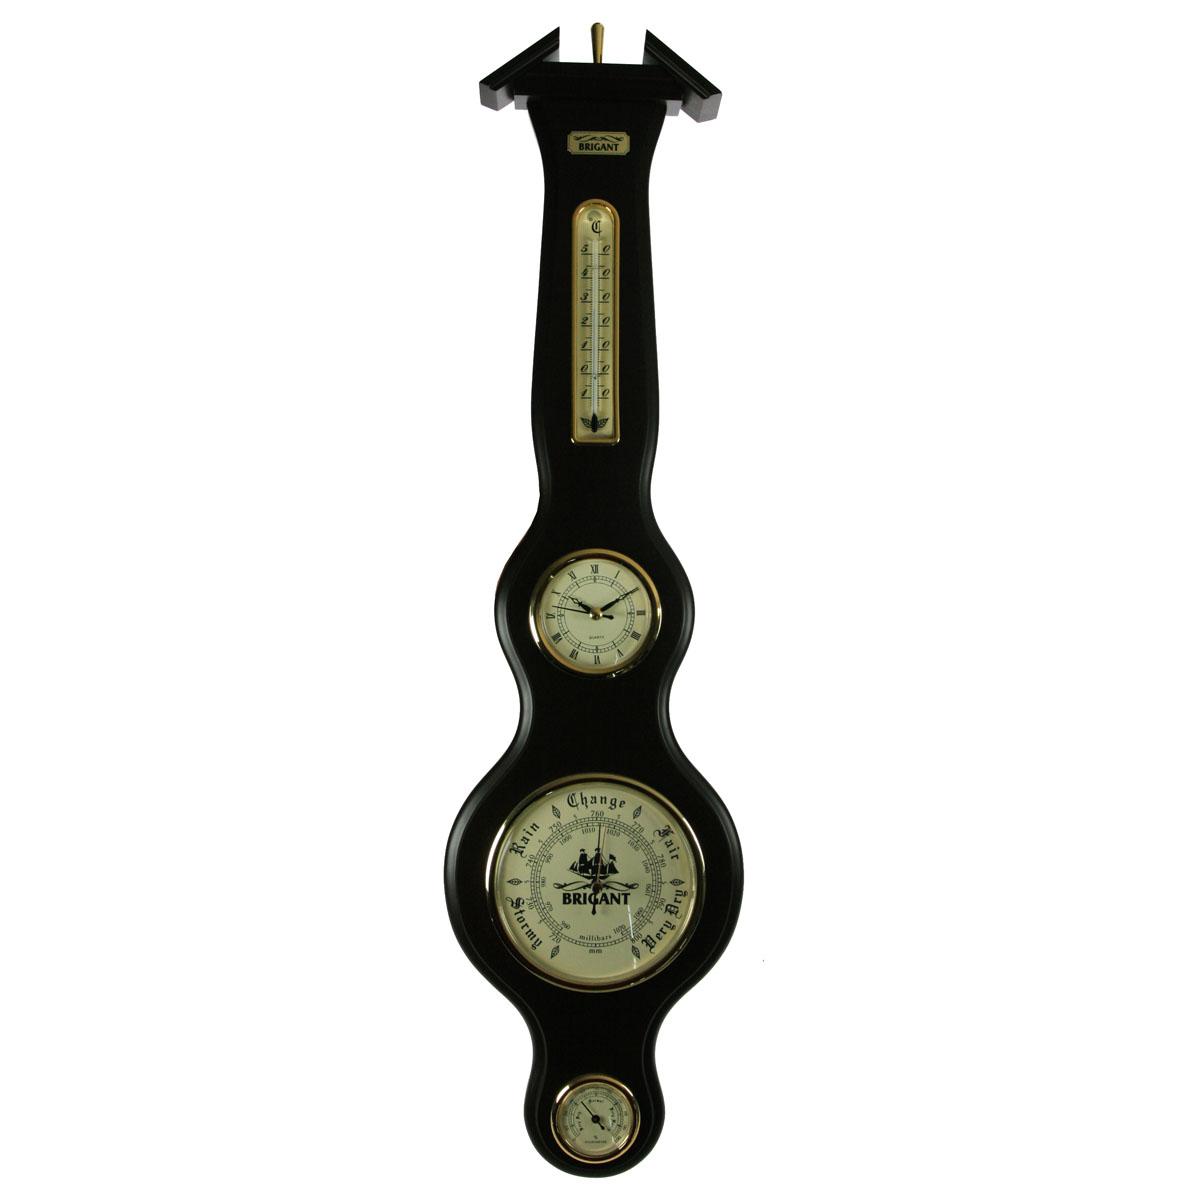 Часы-метеостанция настенная Brigant: барометр, термометр, гигрометр. 28026THN132NЧасы-метеостанция Brigant выполнена в виде деревянной лакированной панели с расположенными на ней часами, термометром, барометром и гигрометром. Модель выполнена в духе морской тематики, хромировка под золото и светлый благородный цвет дерева делают этот предмет интерьера заслуживающим восхищения и гордости. Прилагается инструкция по эксплуатации на русском языке. Характеристики:Материал: дерево, стекло, металл. Размер панели: 75 см х 19 см. Диаметр часов: 8,5 см. Диаметр барометра: 14 см. Диаметр гигрометра: 5,5 см. Длина термометра: 16 см. Размеры упаковки: 83 см х 21 см х 6 см. Производитель: Франция. Артикул: 28026.